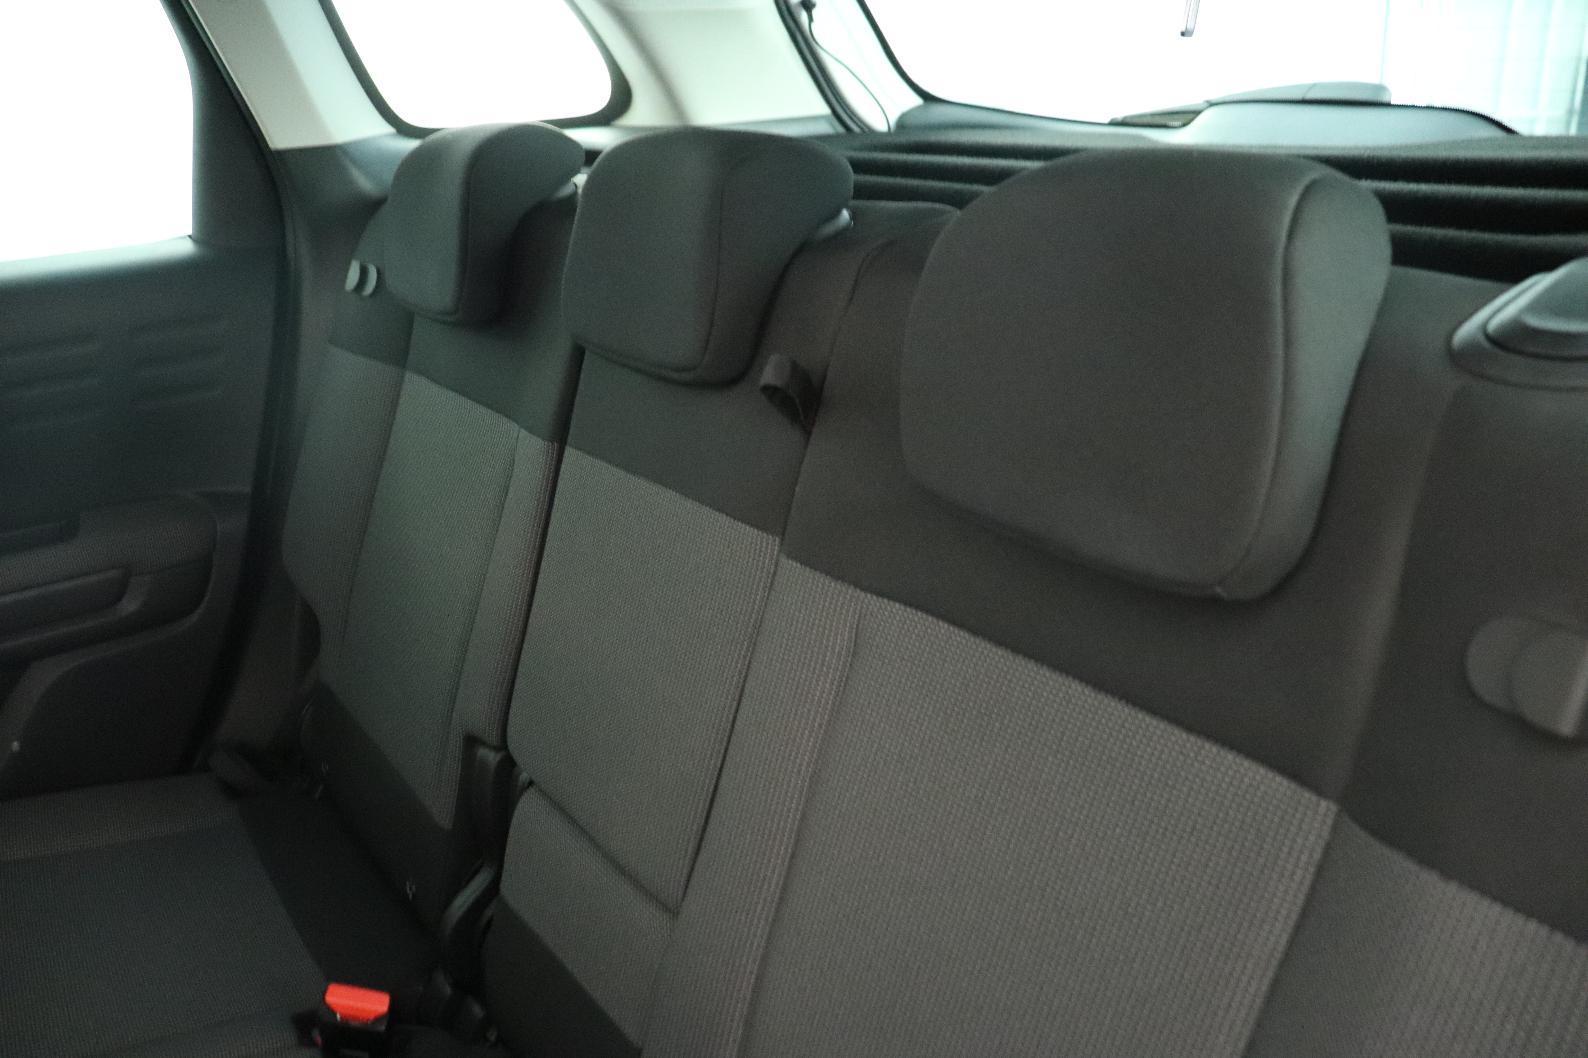 CITROEN C3 AIRCROSS C3 Aircross PureTech 110 S&S BVM6 Shine